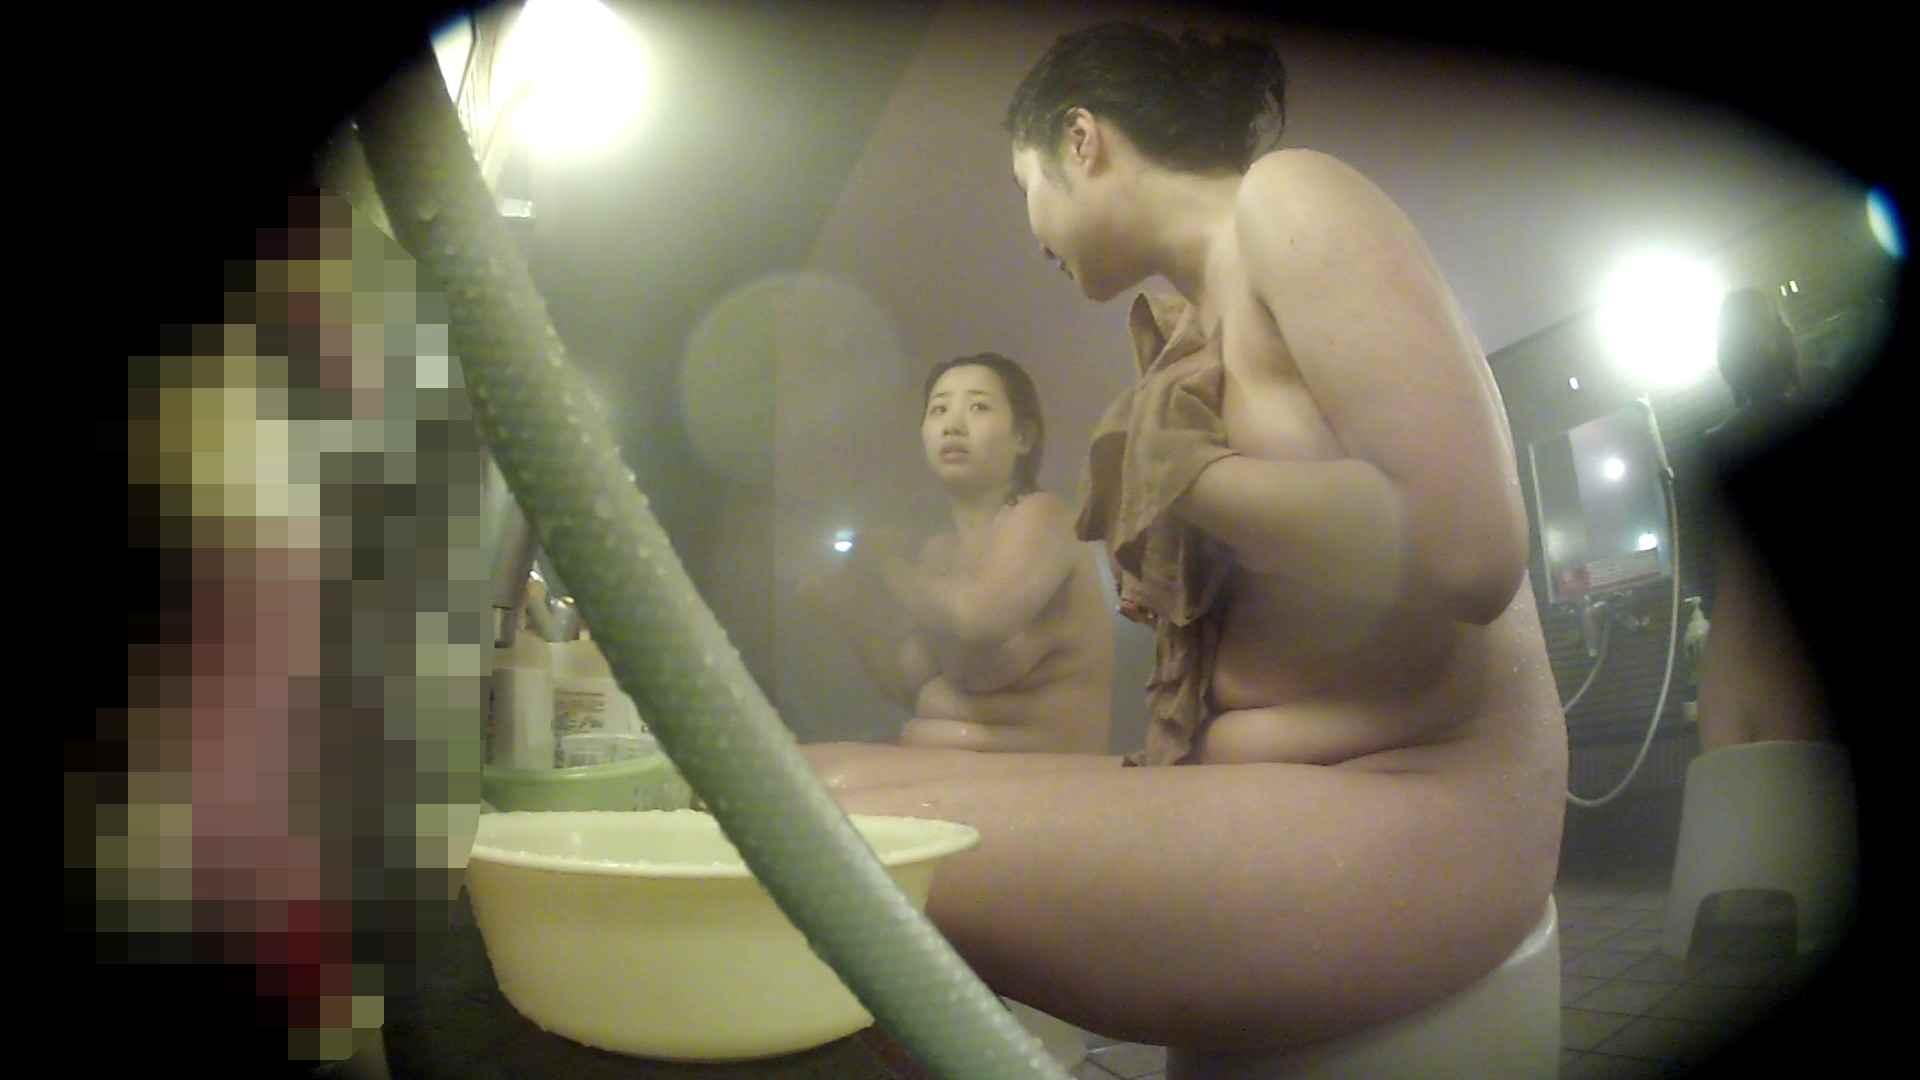 ハイビジョン 洗い場!豊満な乳が大地へと・・・乳輪の大きさは人それぞれ 銭湯  95pic 11